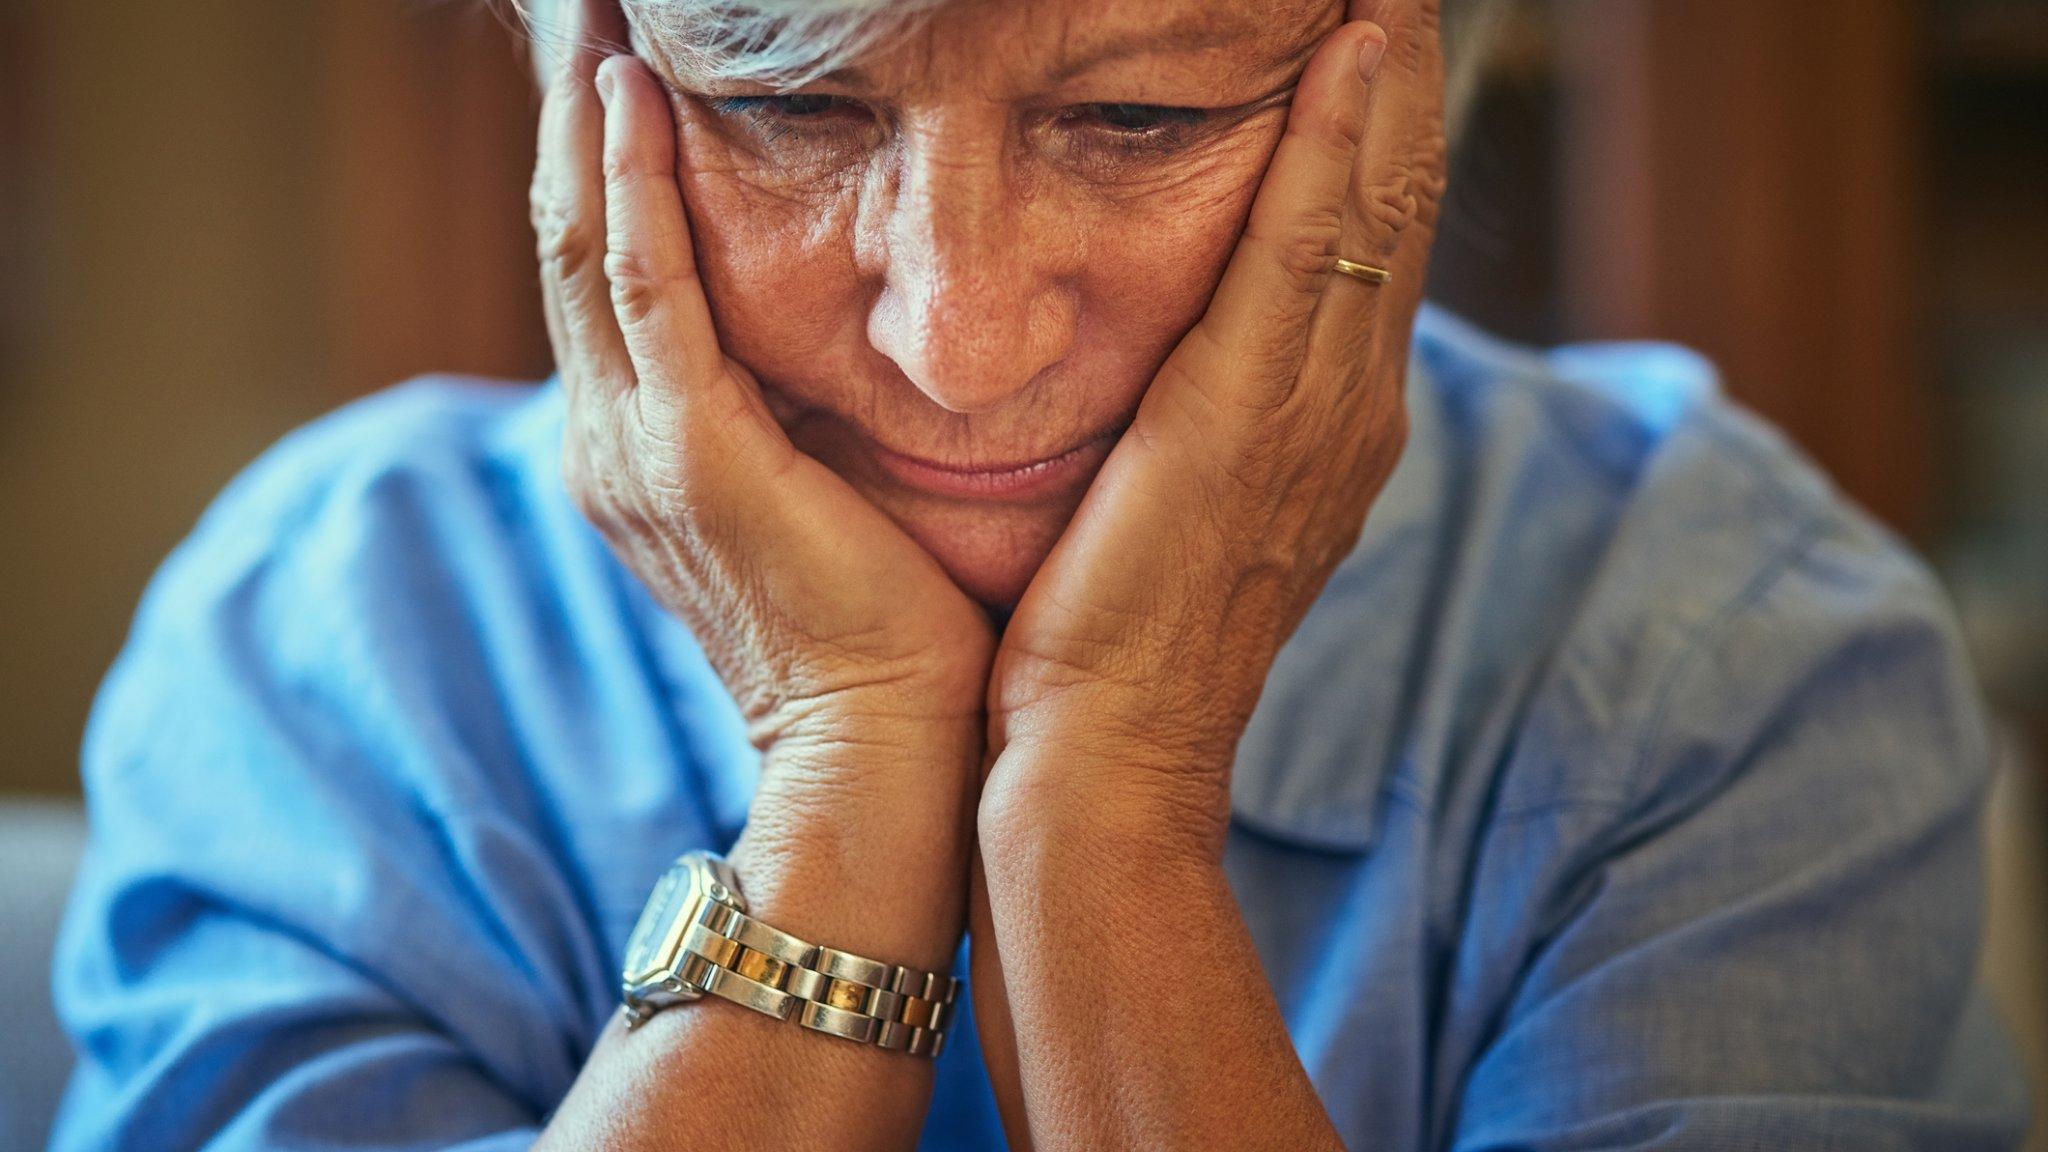 Эксперты предупреждают о «двойном ударе» пандемии для людей с деменцией